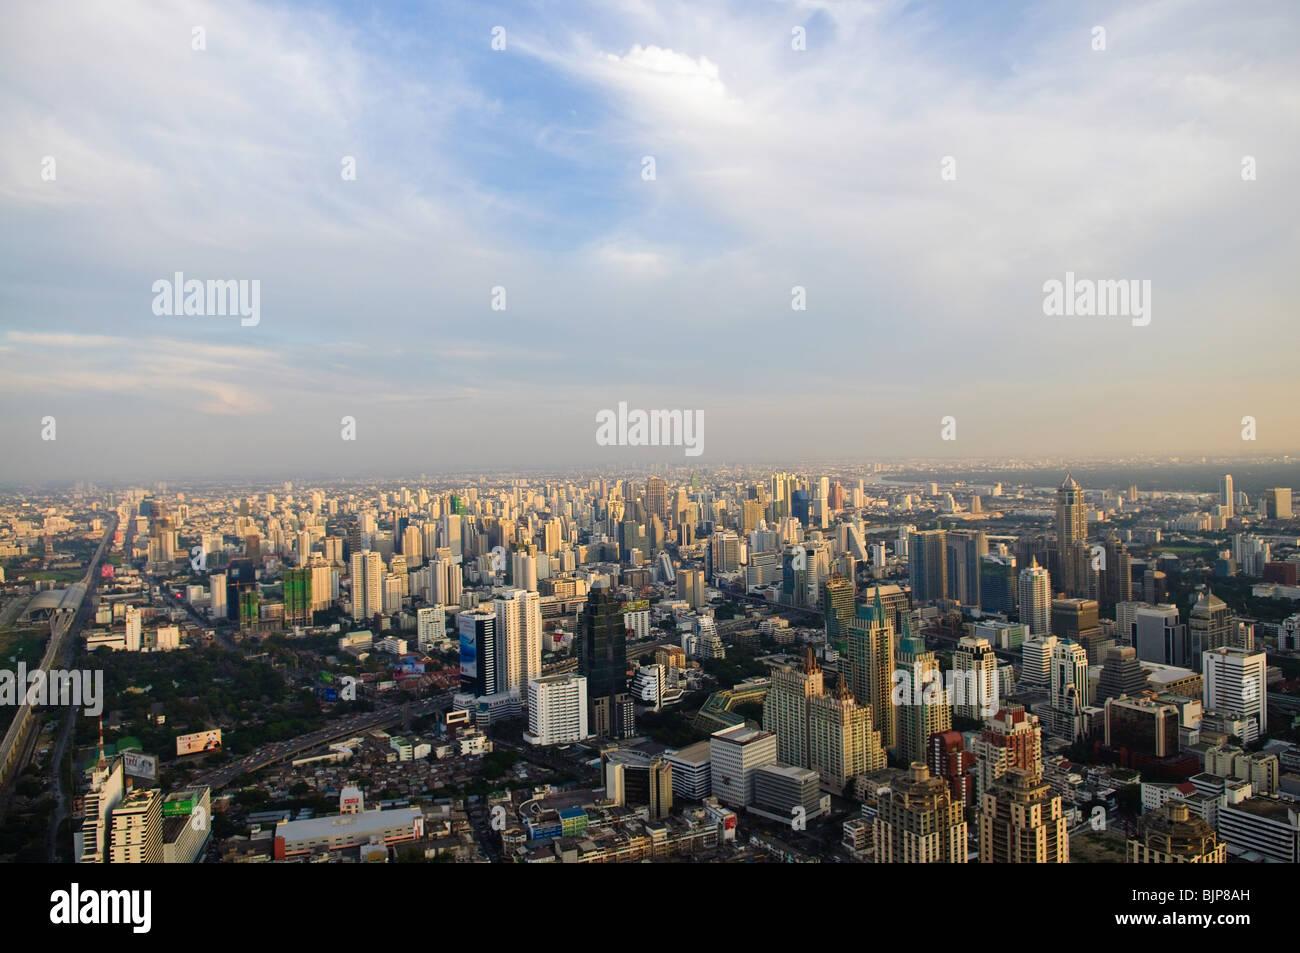 Sur les toits de la ville au coucher du soleil. Bangkok, Thaïlande Photo Stock